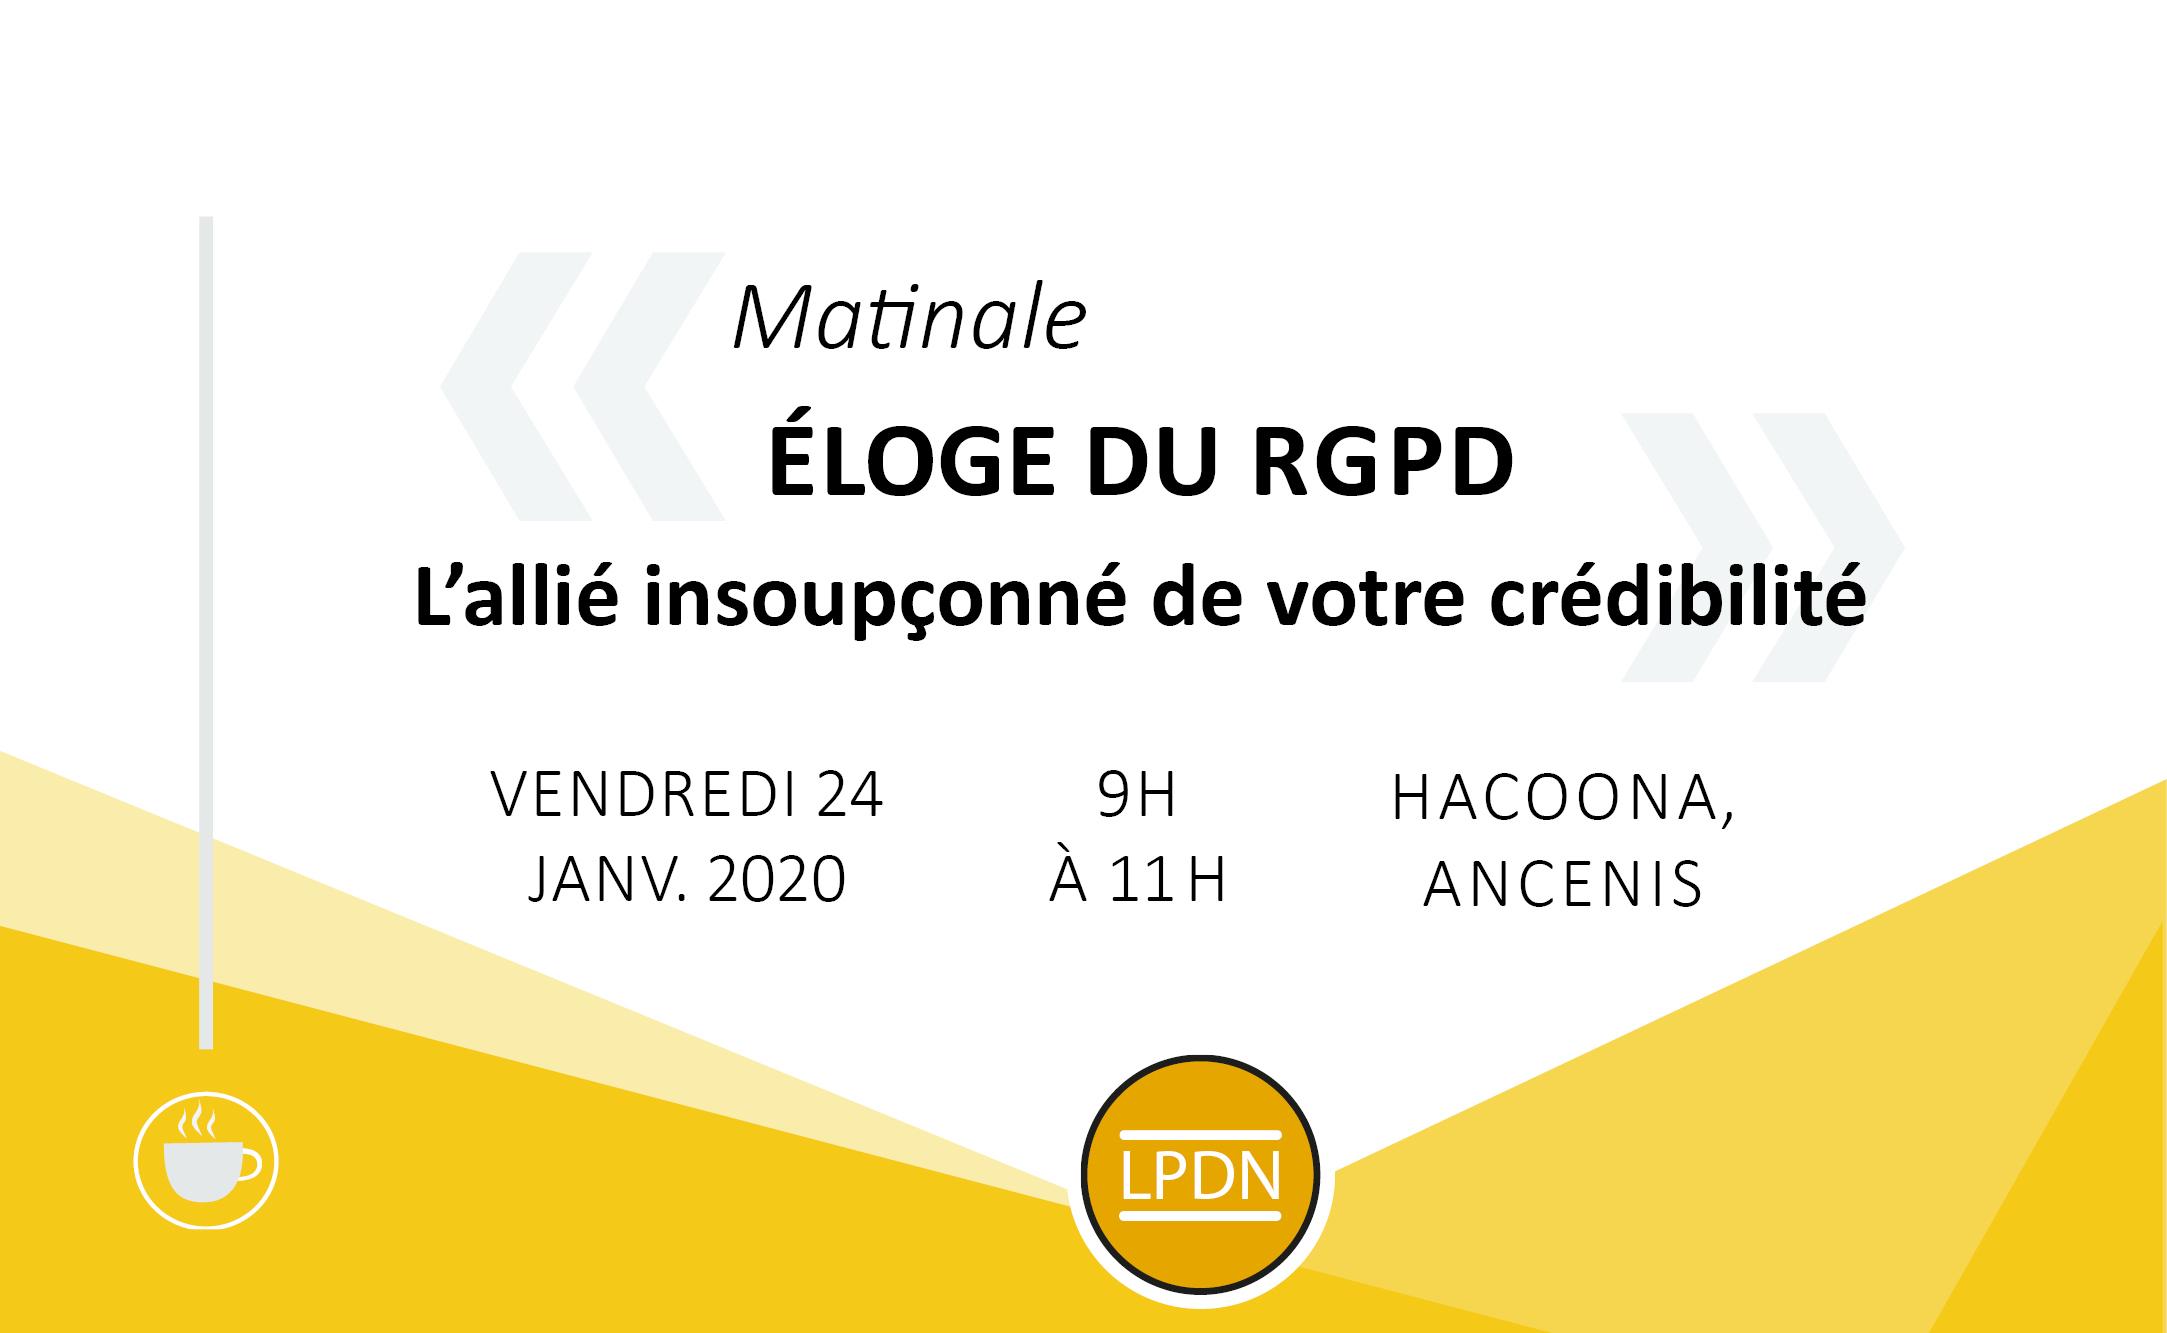 LPDN : Les Petits déjeuners du numérique 24.01.20